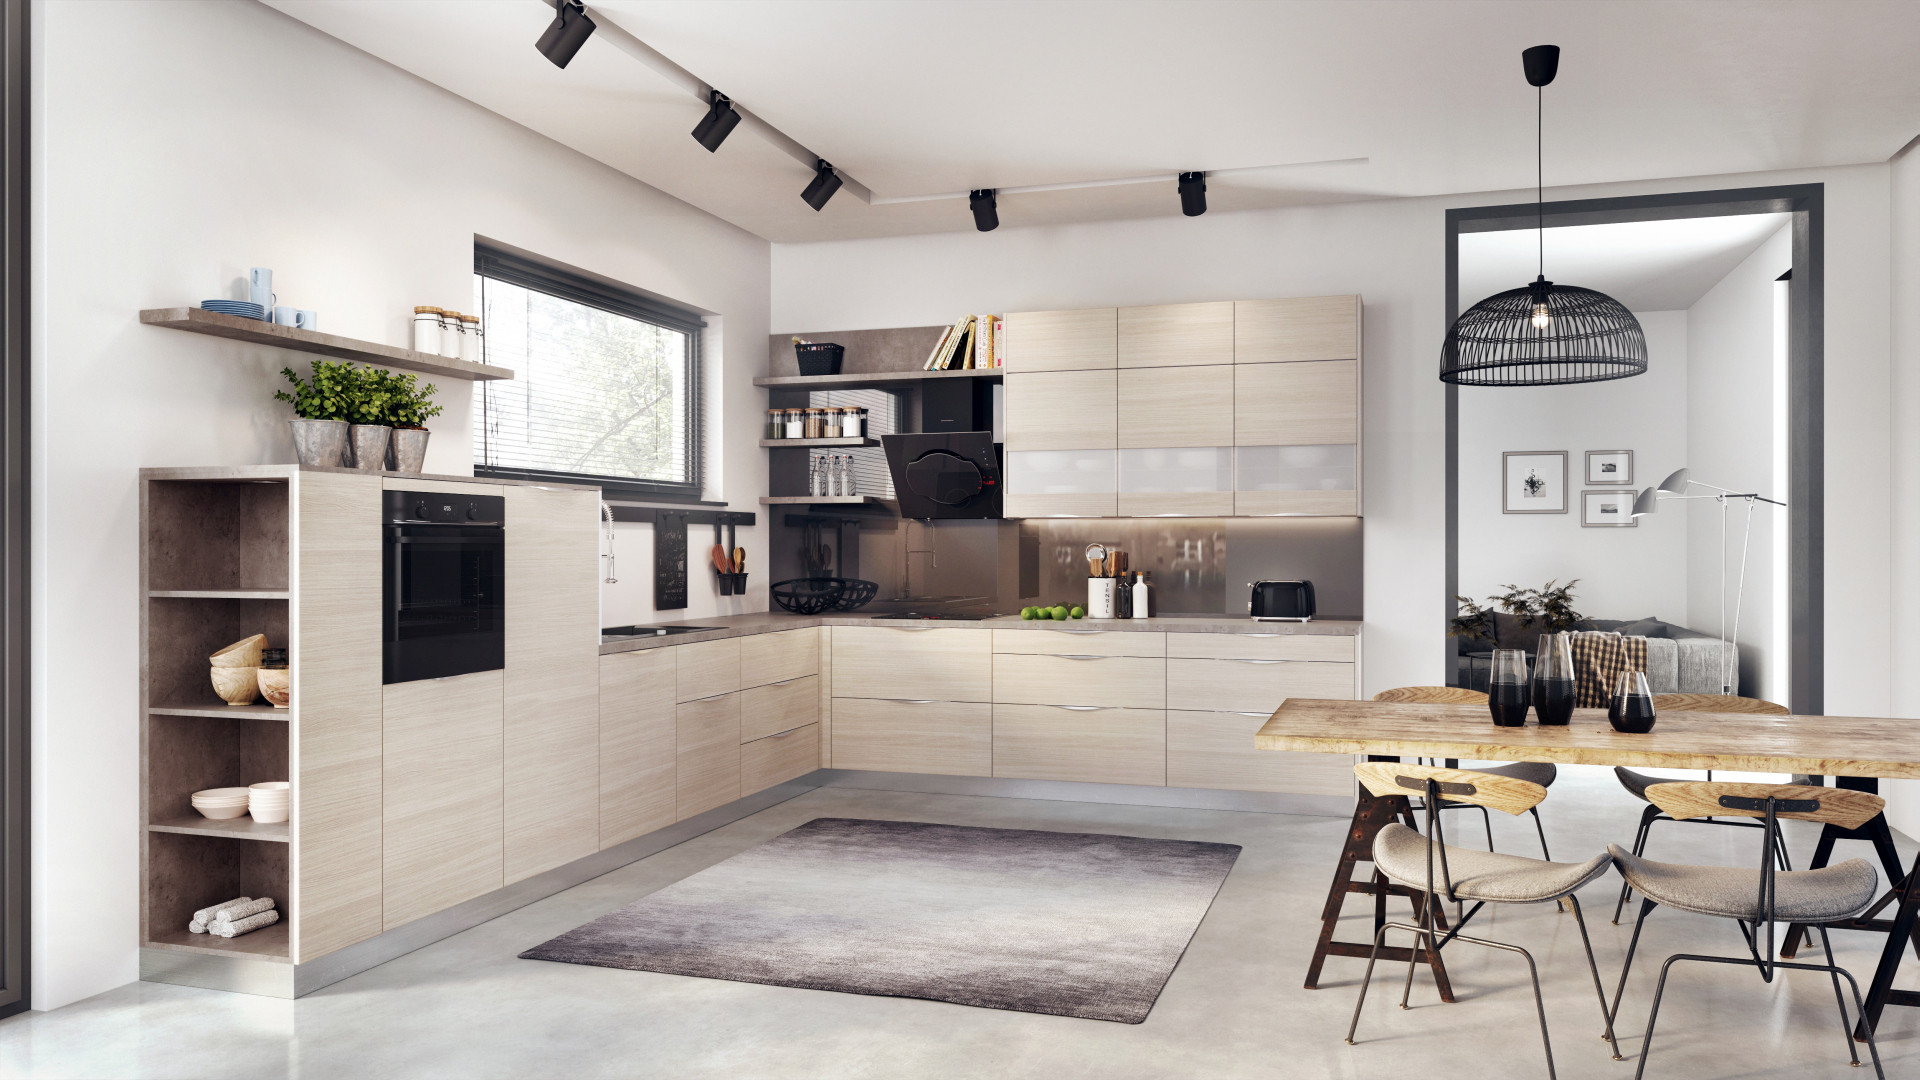 W modnych projektach kuchni można zaobserwować odejście od litej zabudowy na rzecz otwartych półek. Fot. Kam